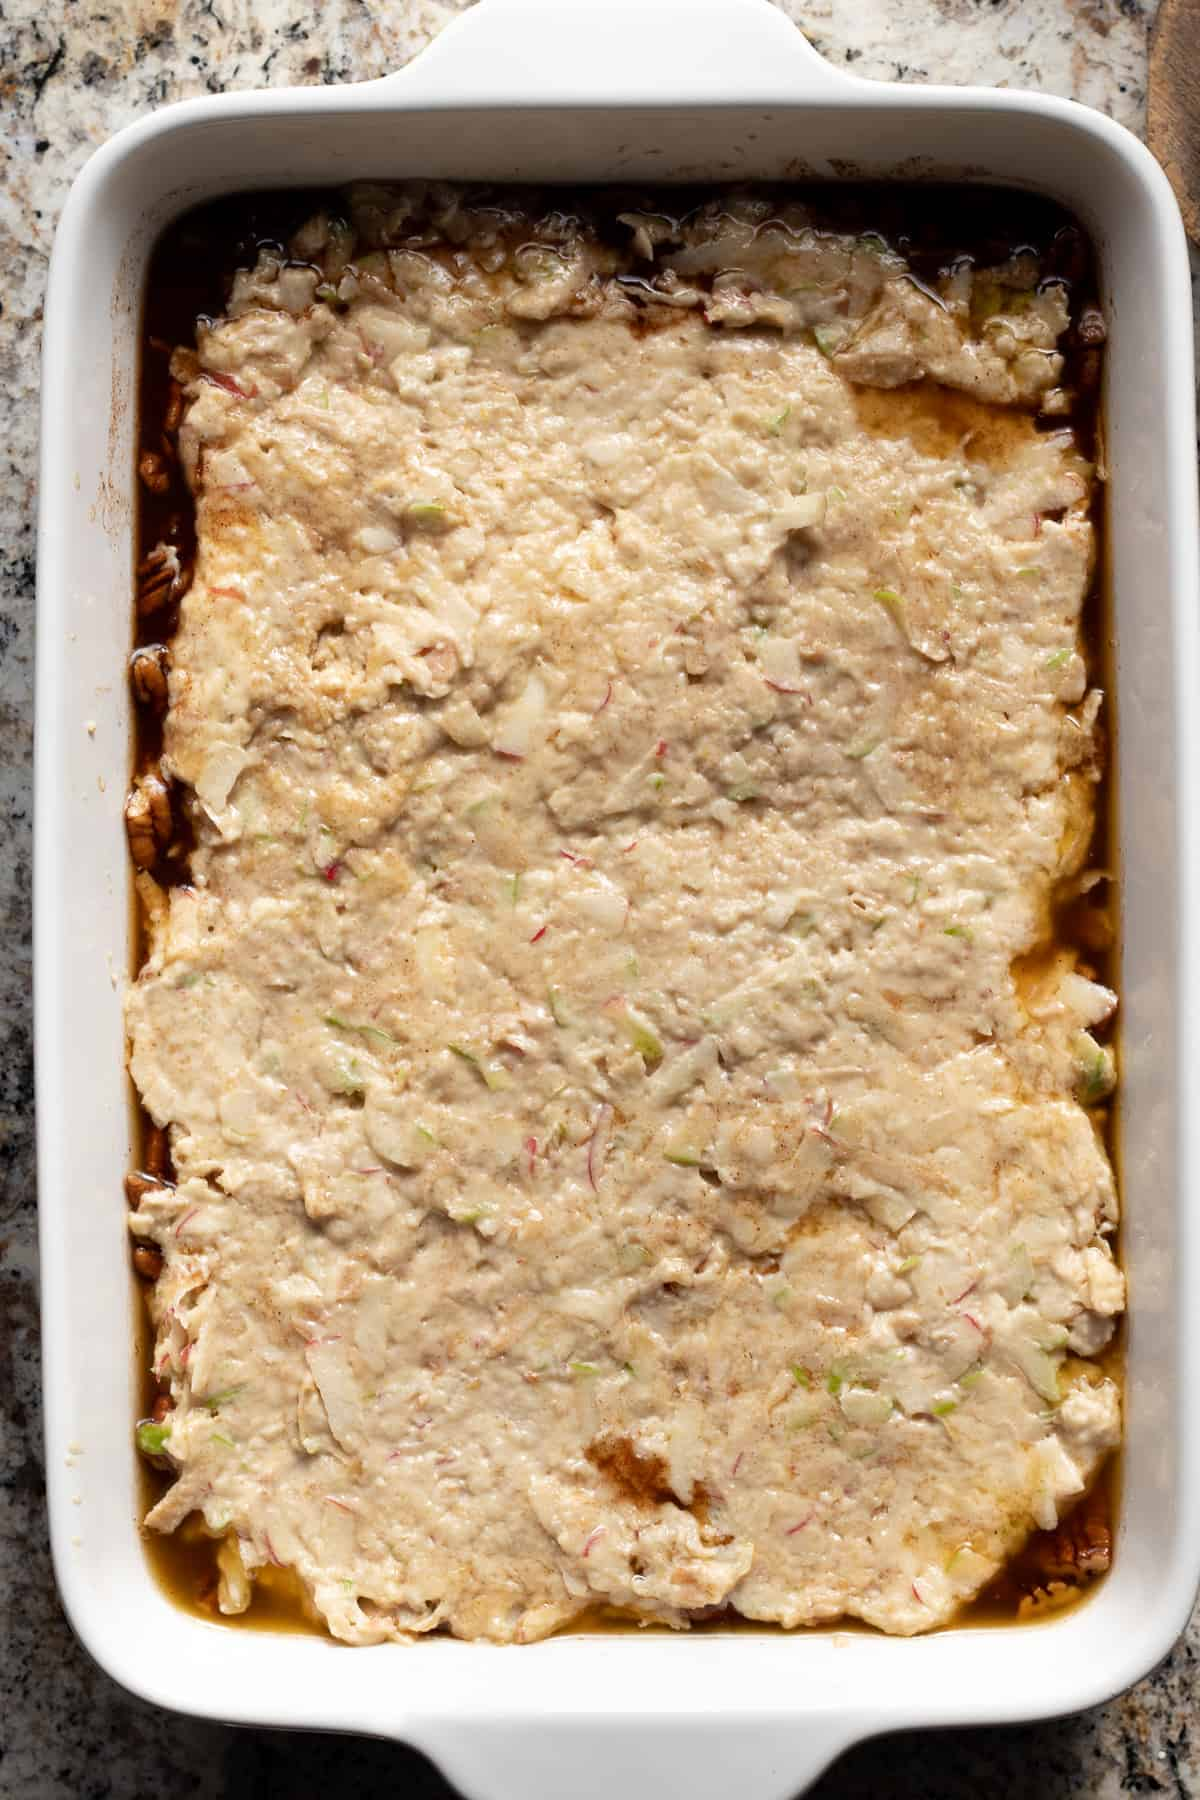 cake batter overtop sticky maple glaze in casserole dish